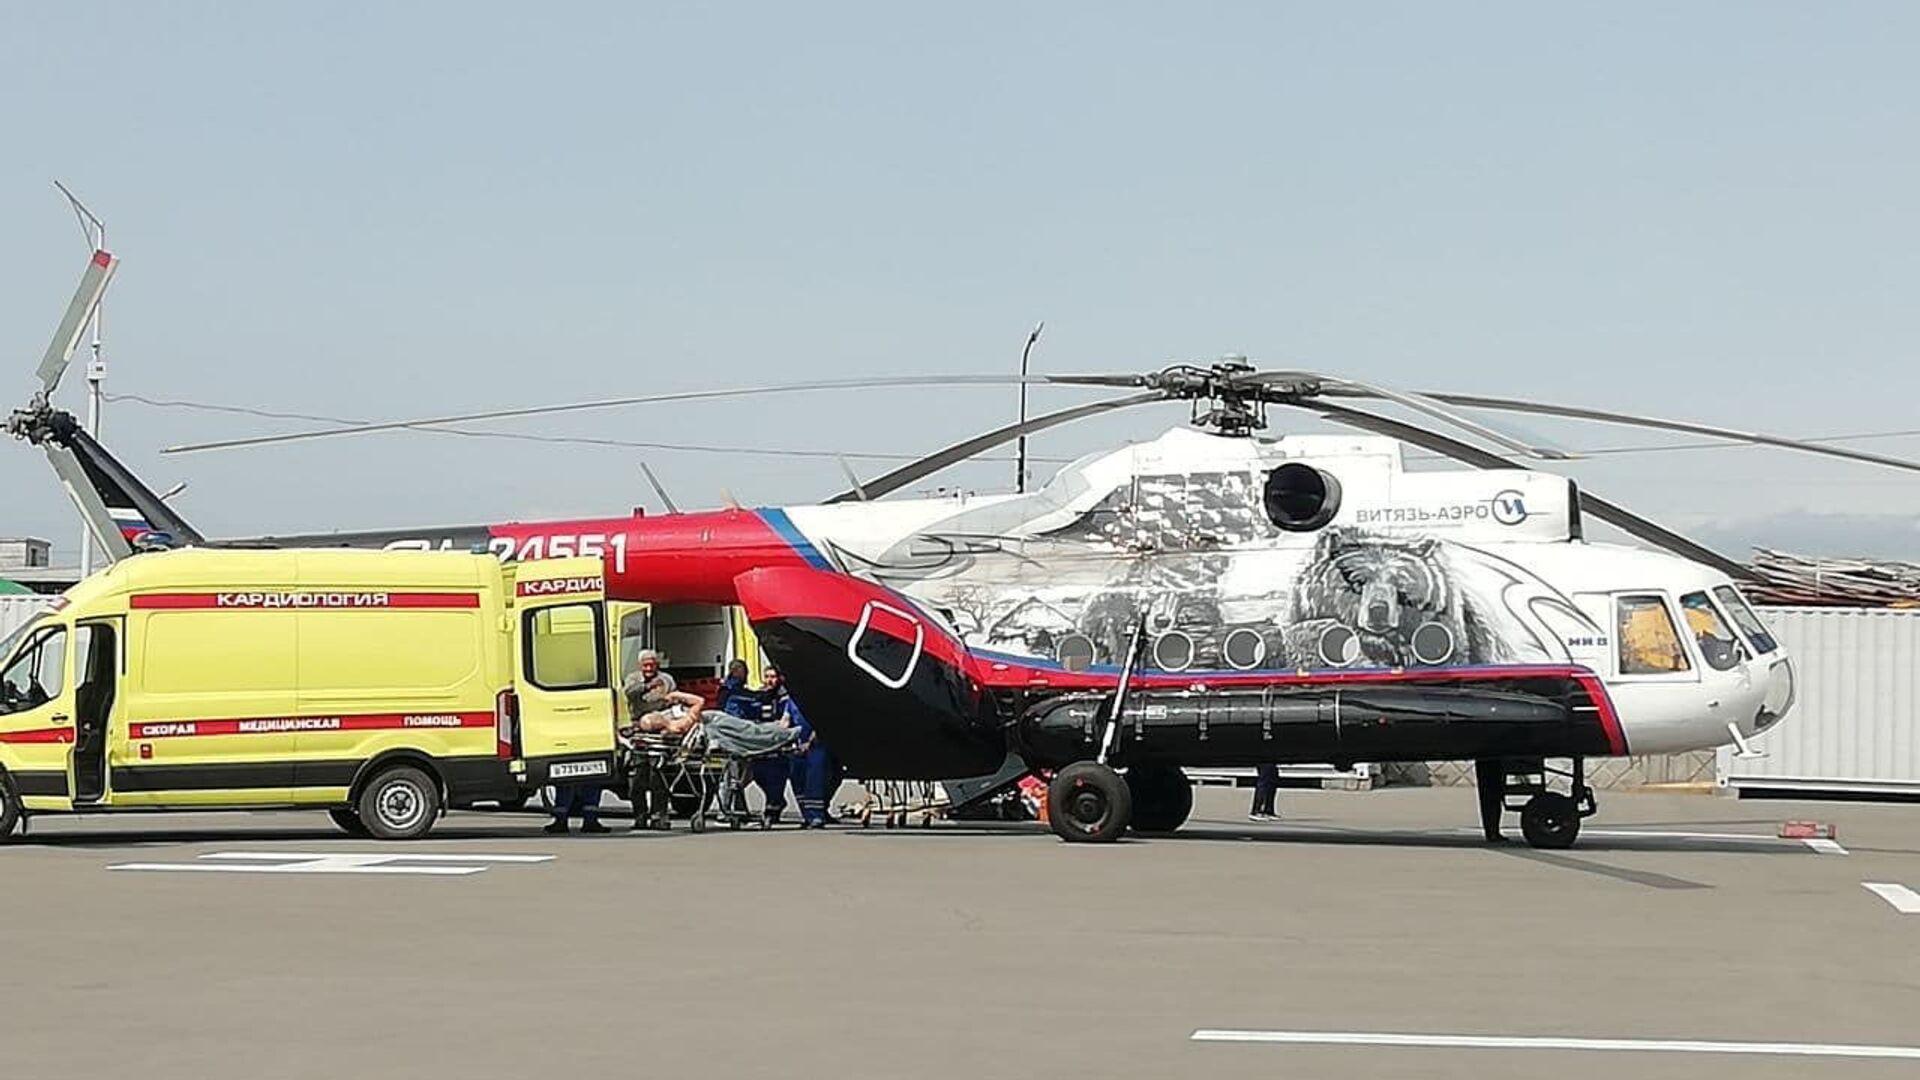 Pět cestujících ze zřícenéno vrtulník Mi-8, který se zřítil do jezera v Kamčatském kraji, bylo přepraveno do Petropavlovsku-Kamčatského - Sputnik Česká republika, 1920, 12.08.2021